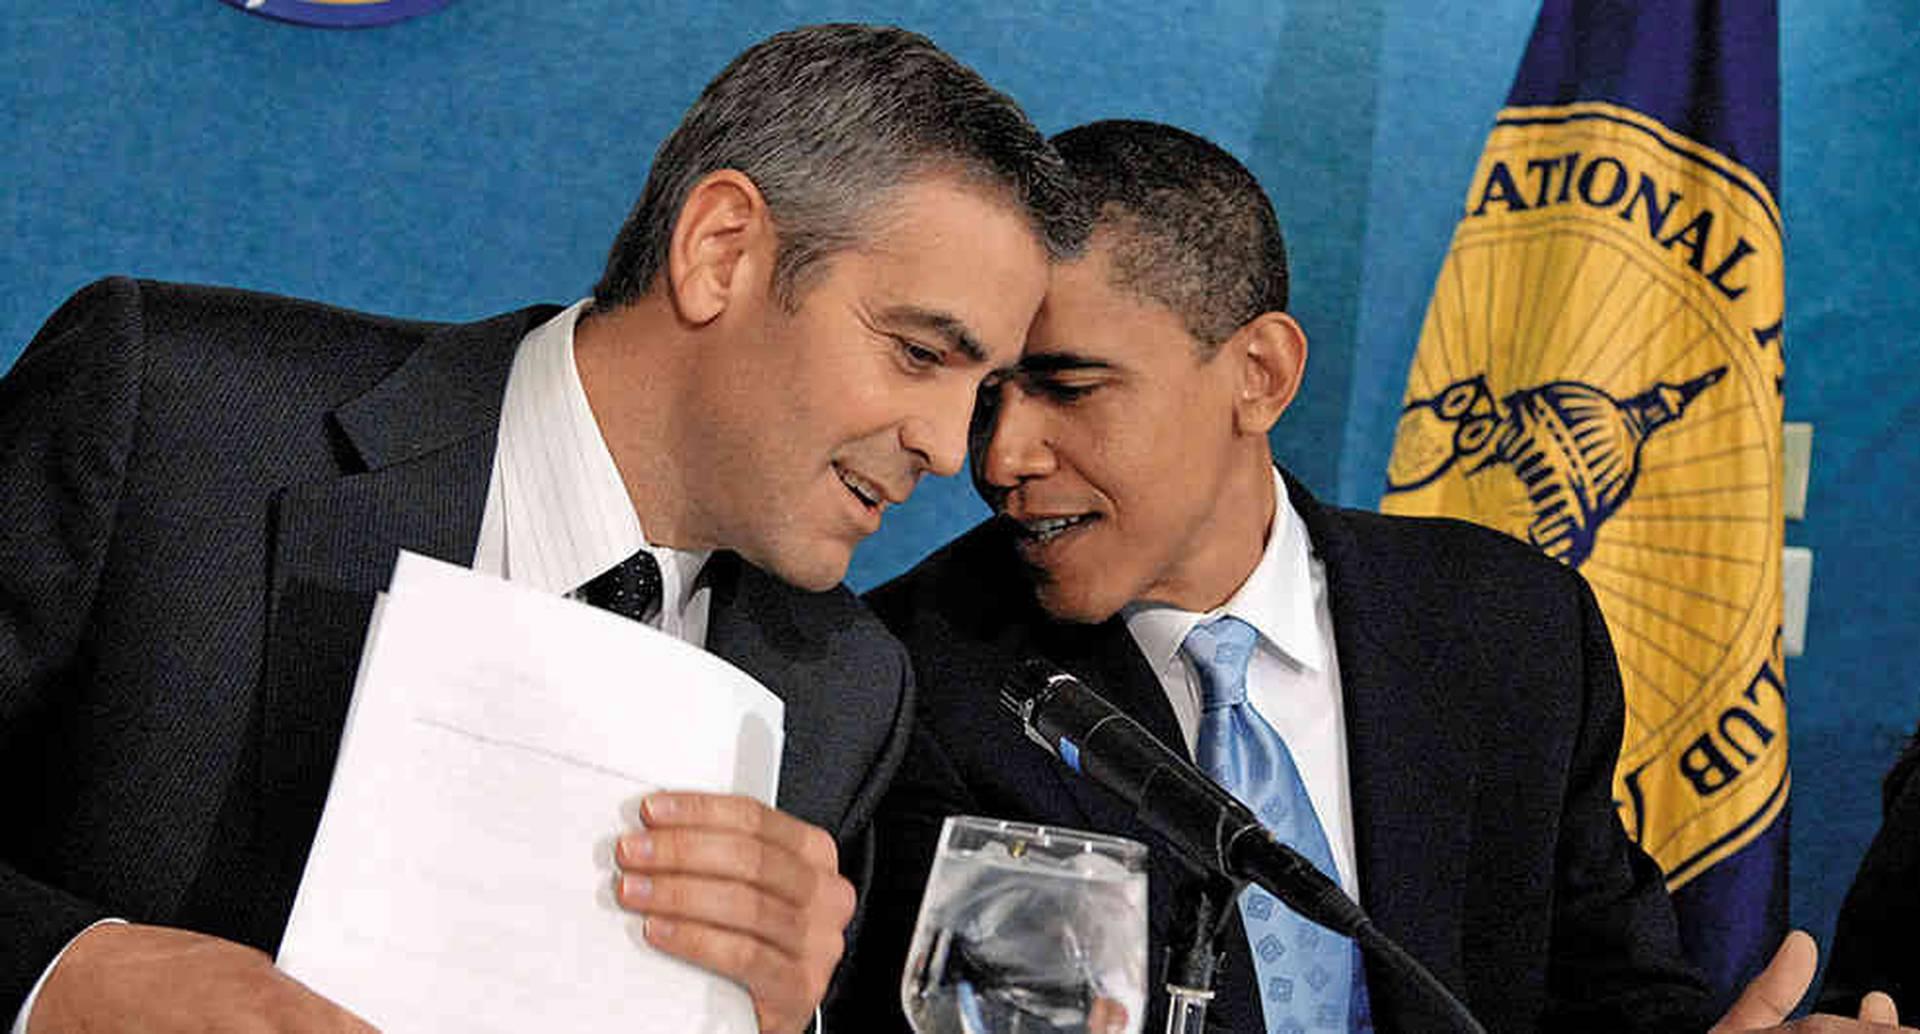 En una reunión en favor de los refugiados de Darfur en 2006, en Washington. Desde ese día se hicieron amigos.